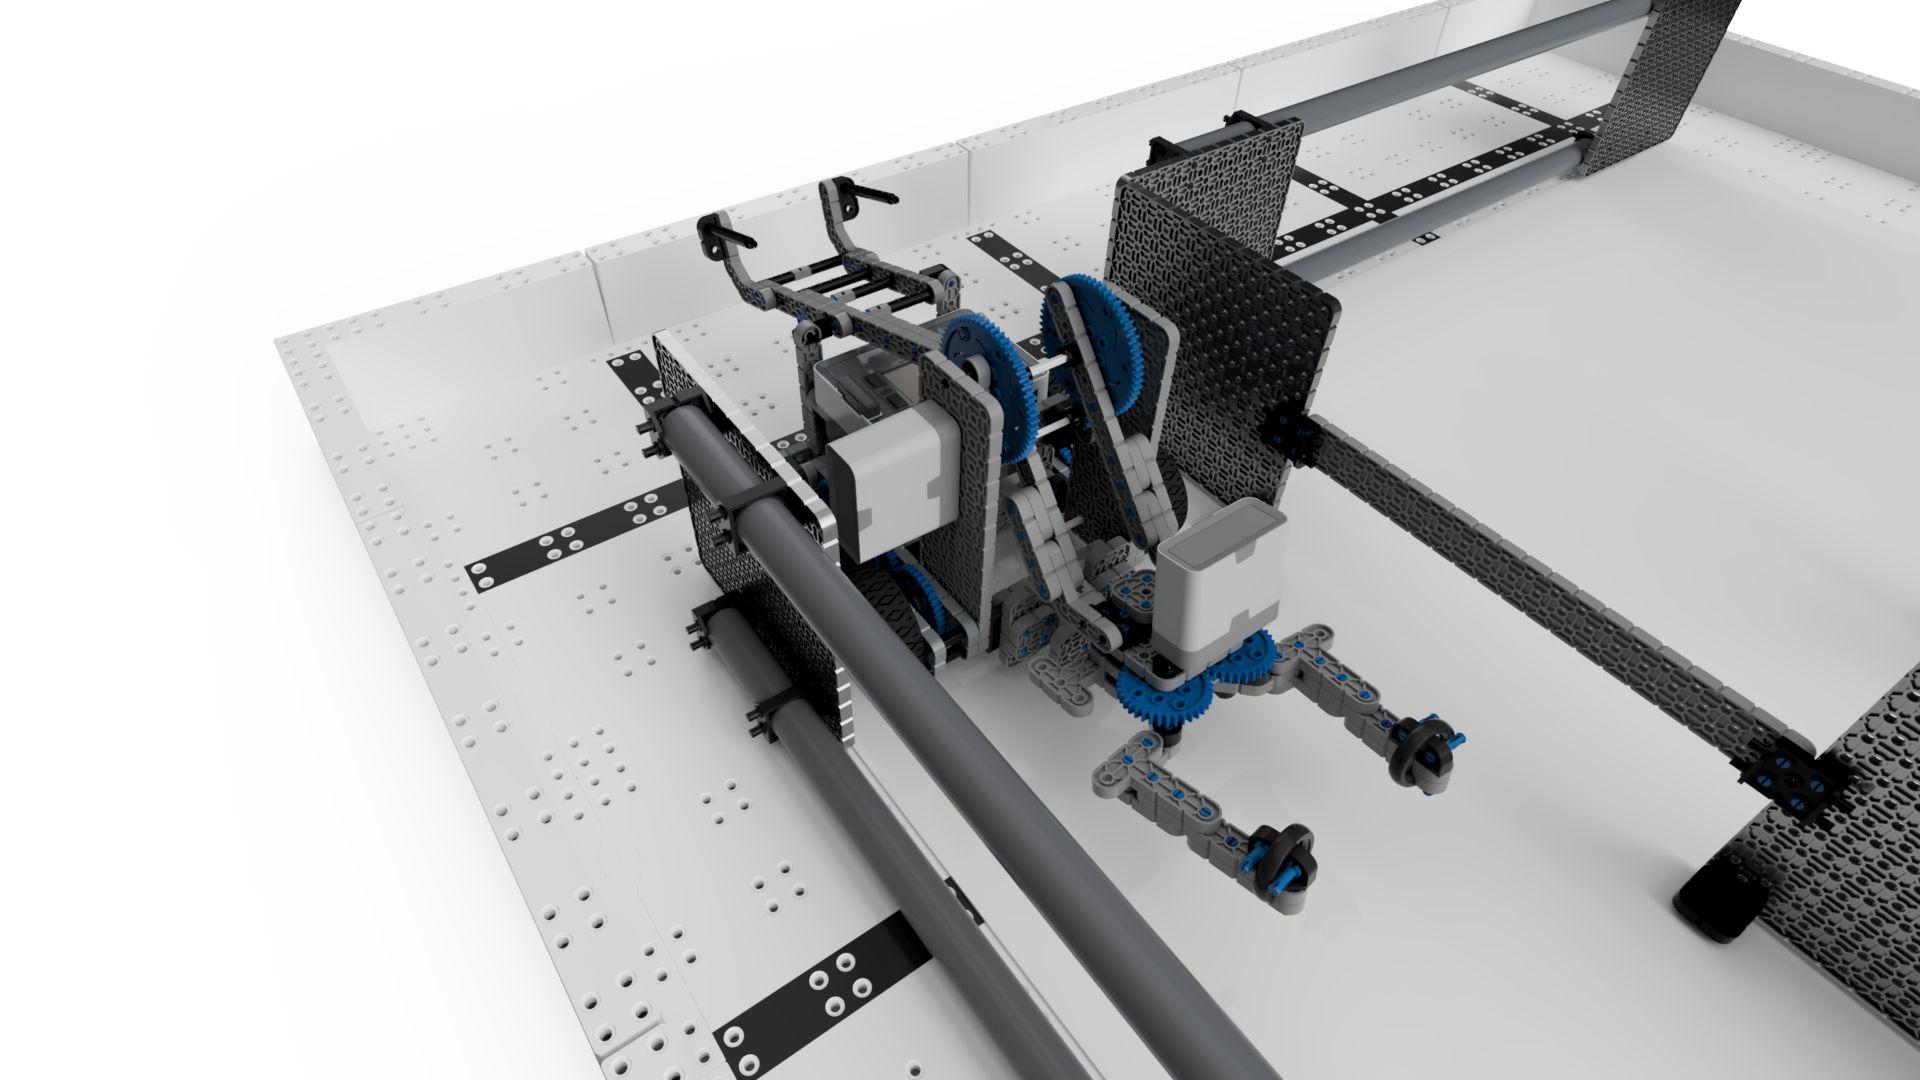 Arena-de-competicao-vex-robotics-e-fabrica-de-nerdes-2018-sep-27-03-10-53pm-000-customizedview8331993677-3500-3500